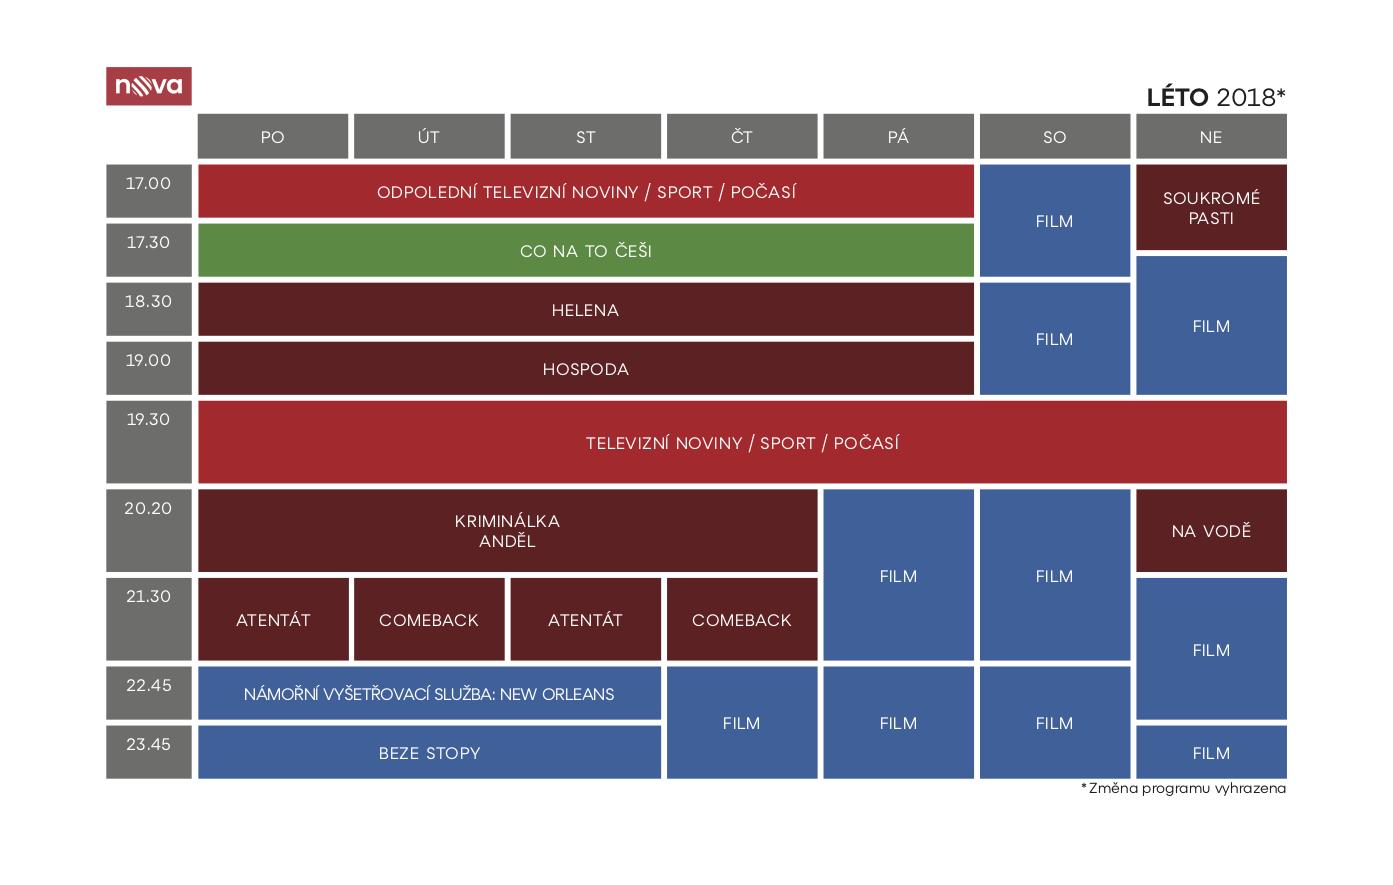 Programové schéma televize Nova na léto 2018